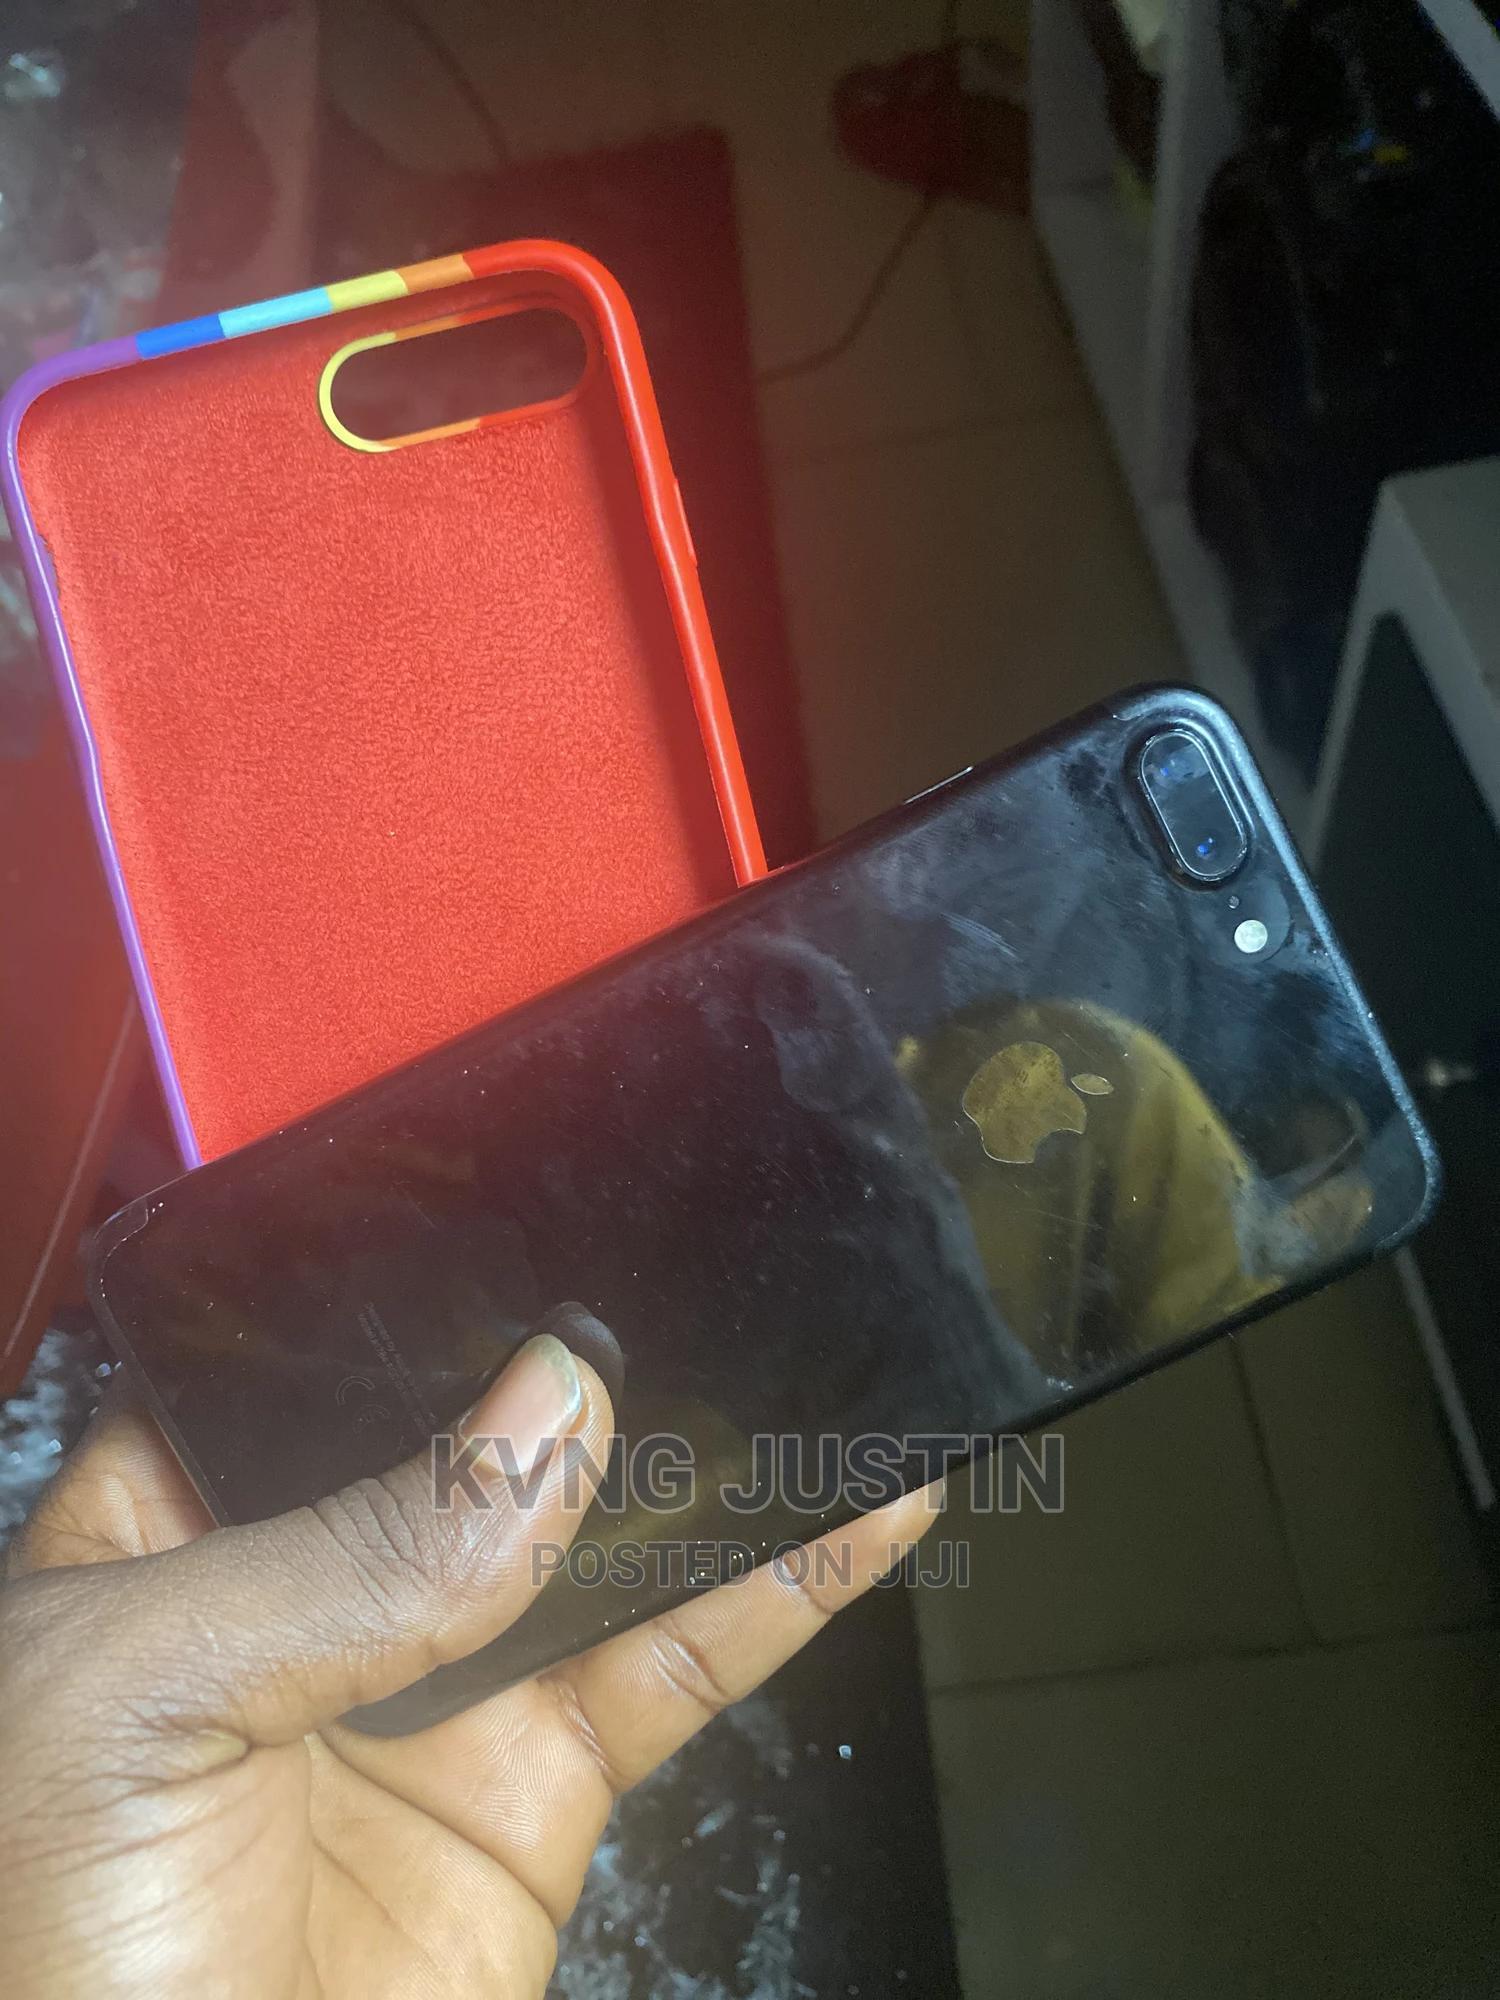 Apple iPhone 7 Plus 128 GB Black | Mobile Phones for sale in Owerri, Imo State, Nigeria